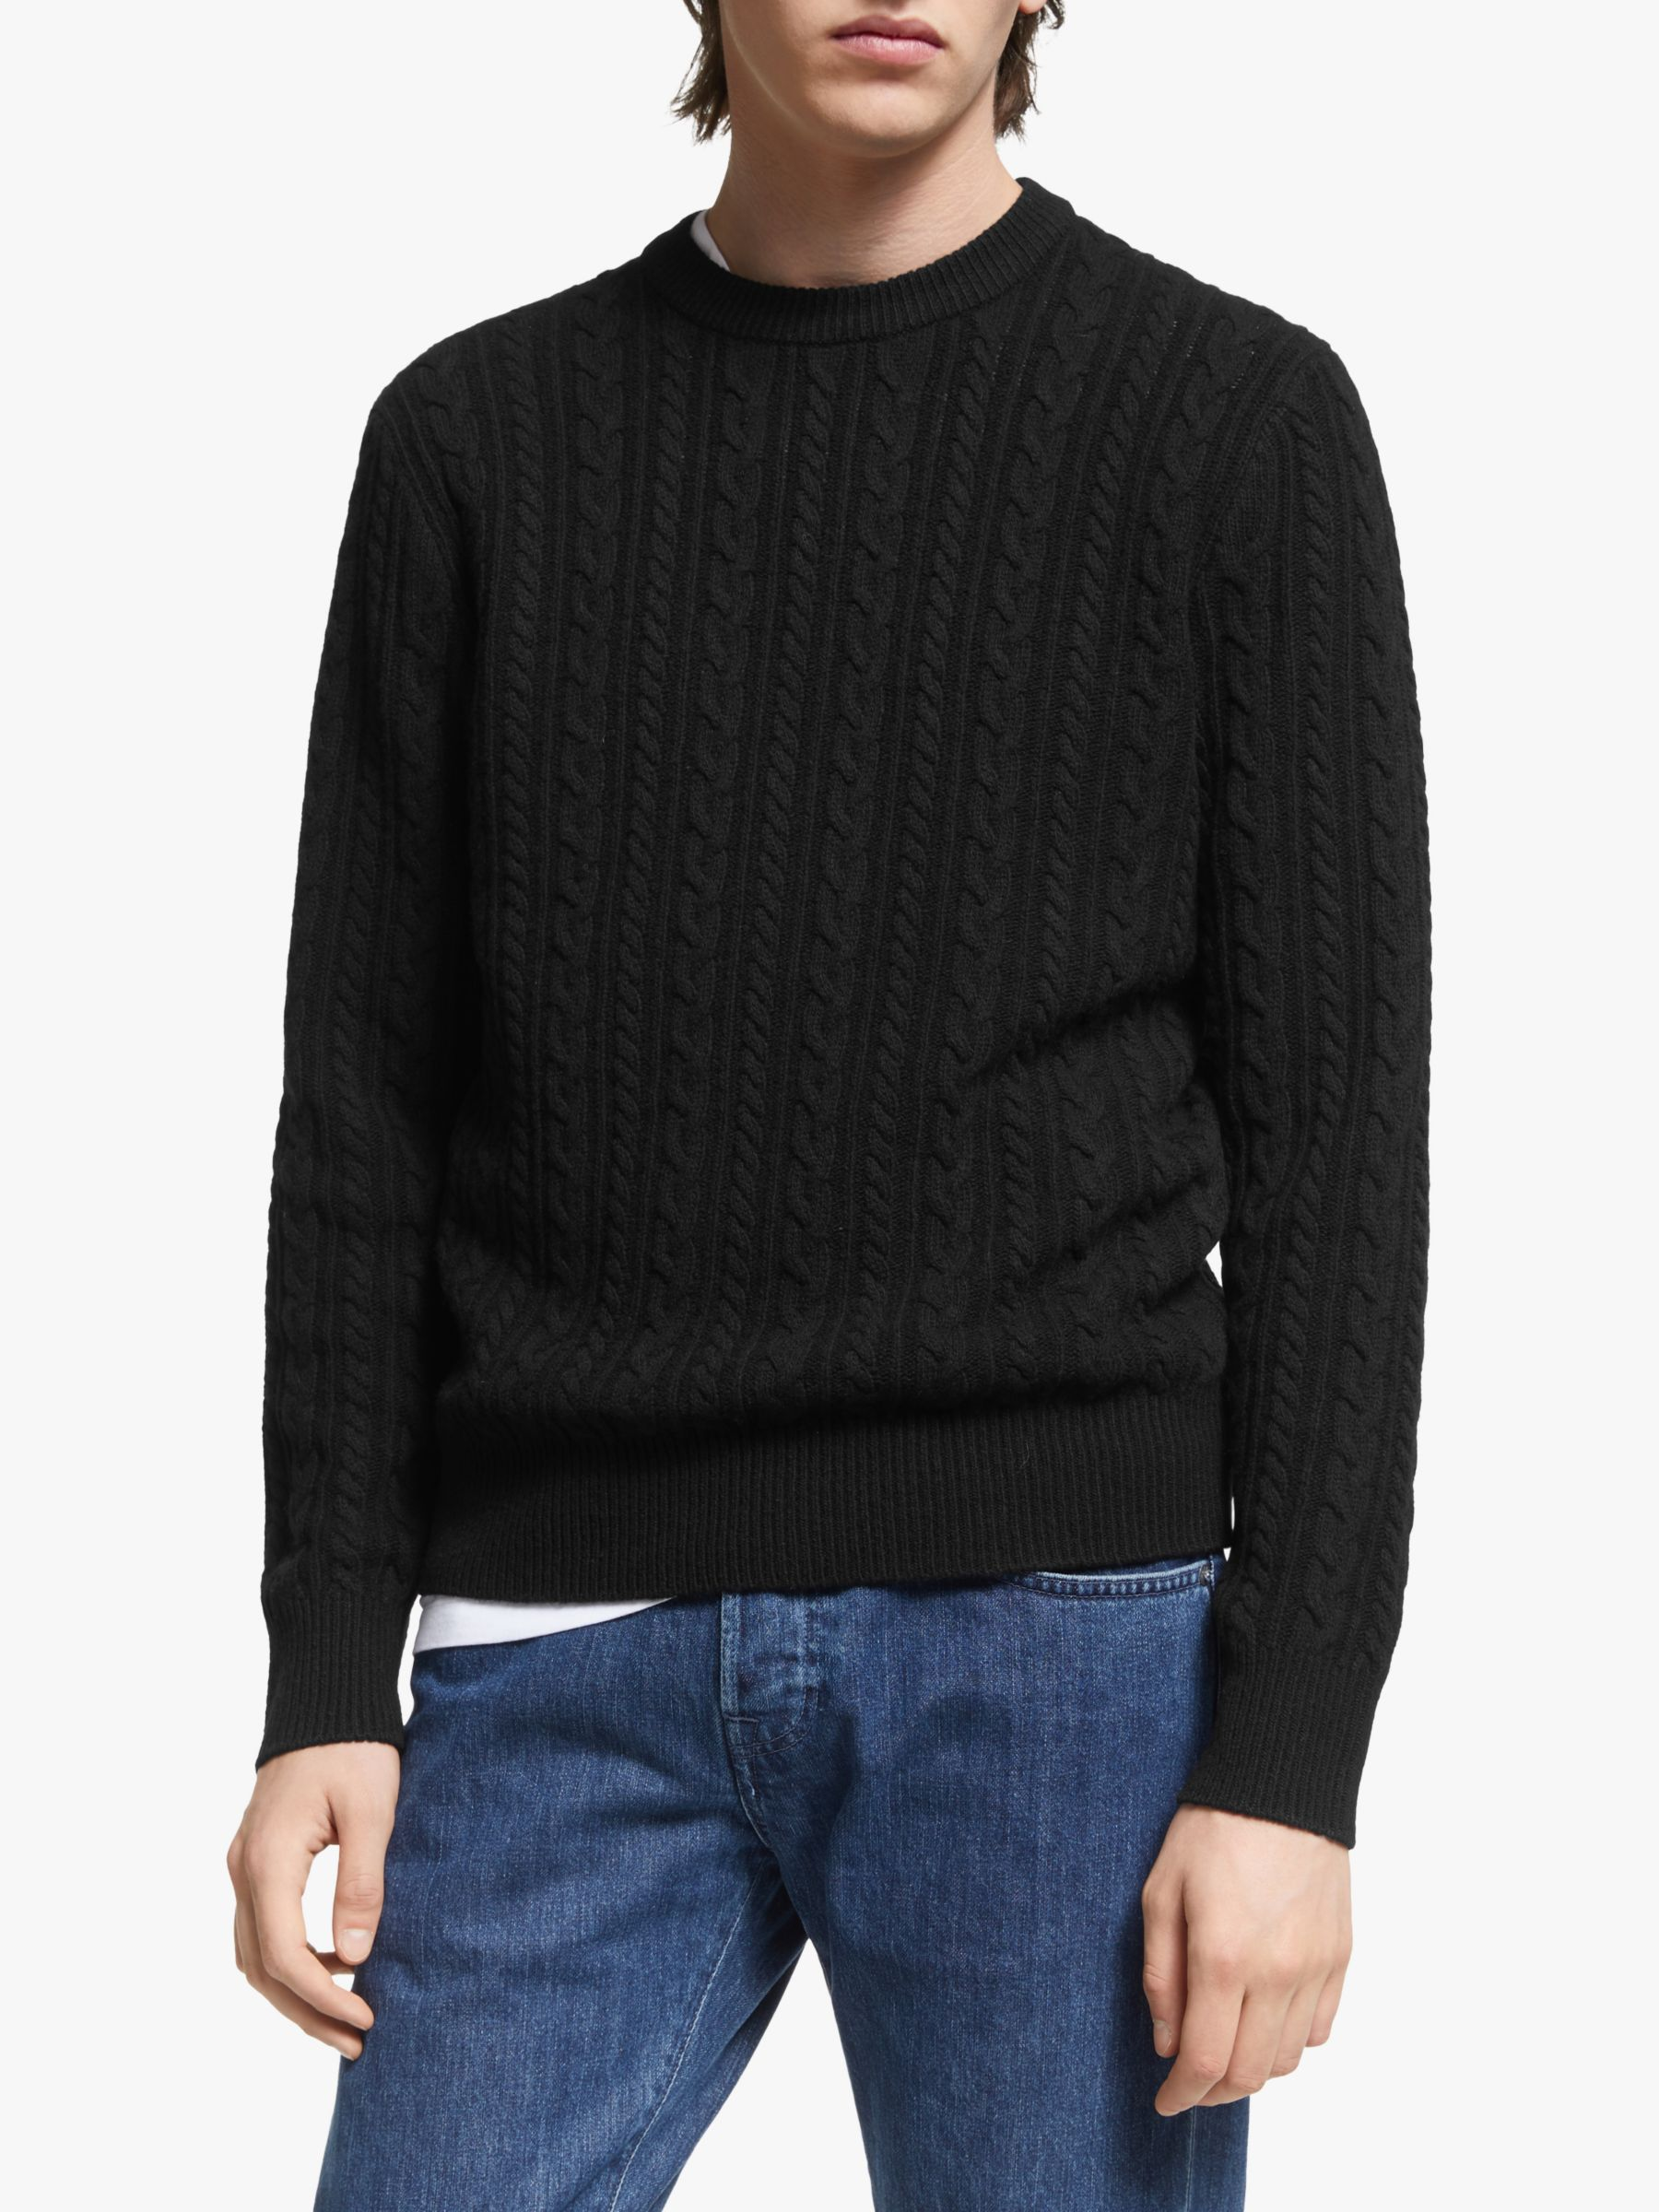 J.LINDEBERG J.Lindeberg Gregor Soft Cable Sweater, Black